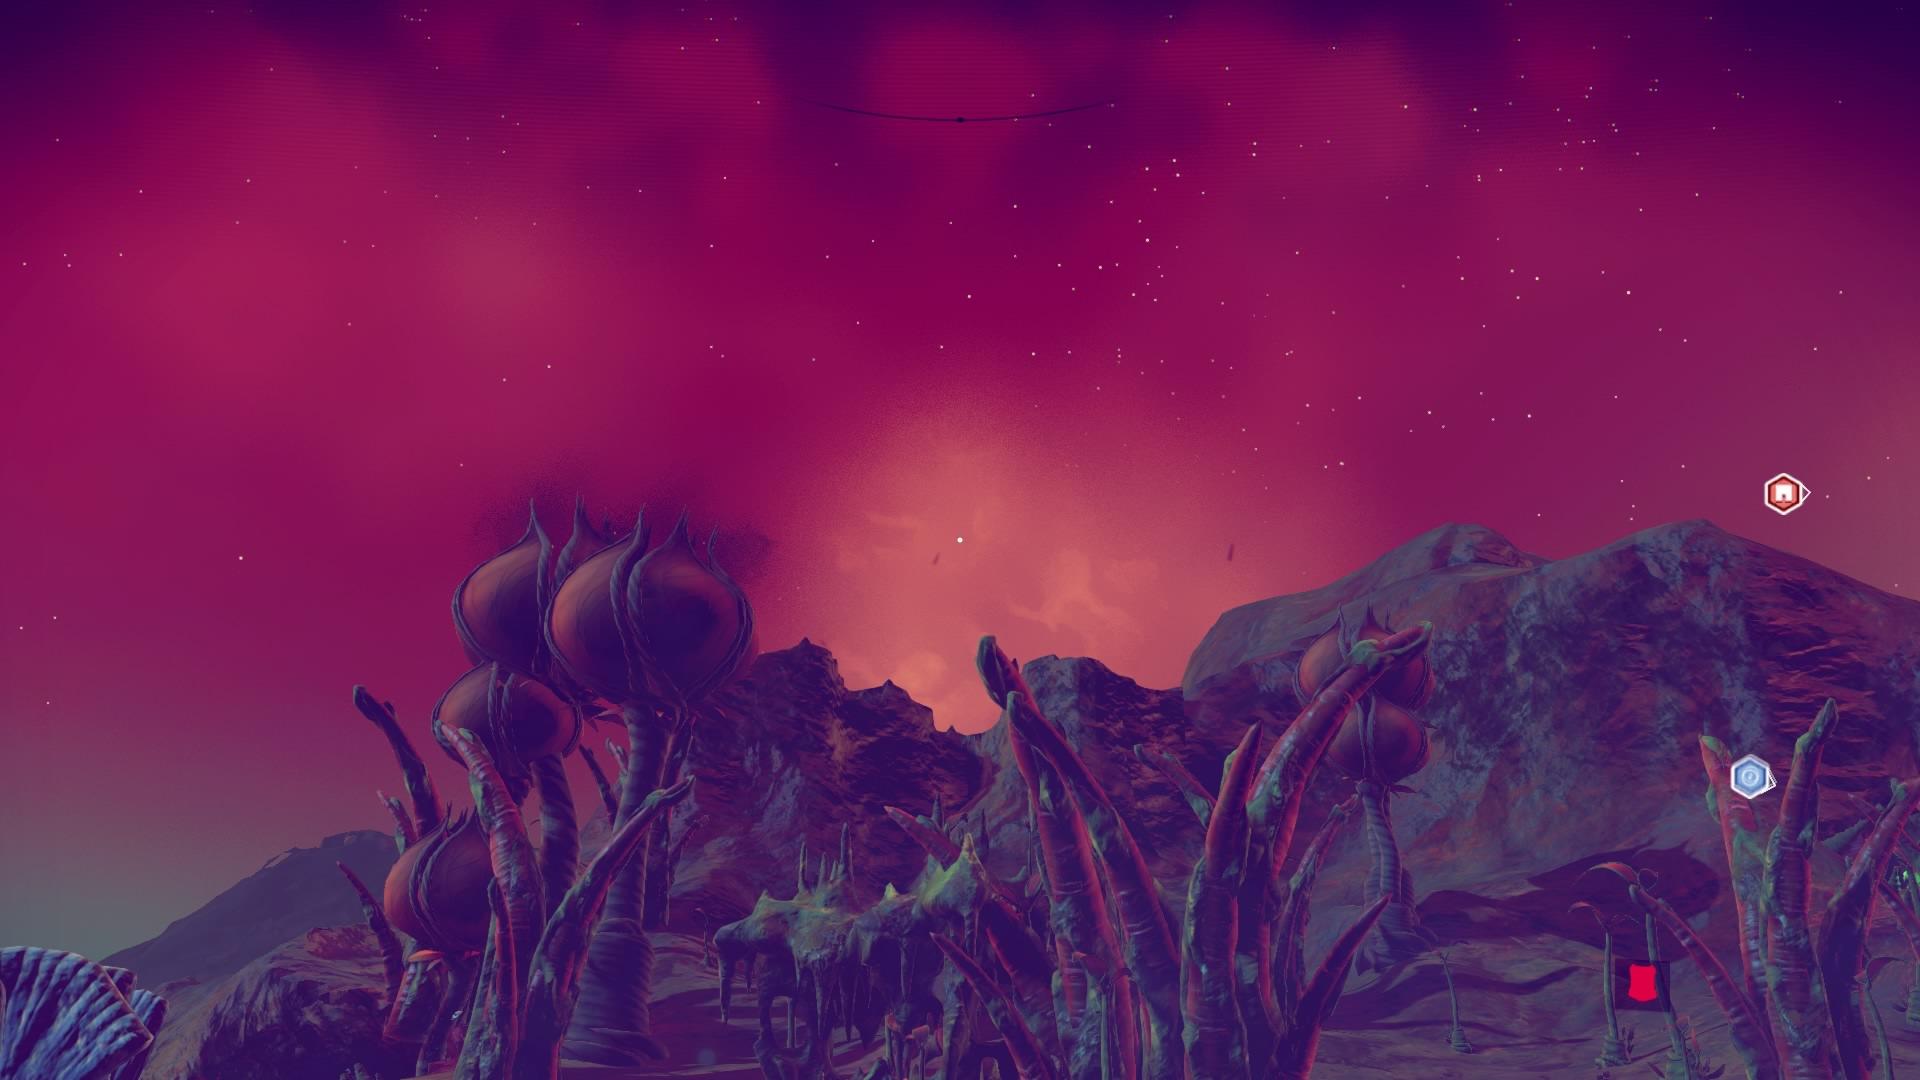 宇宙植物は見る者に対して邪悪な雰囲気を与える事も多い